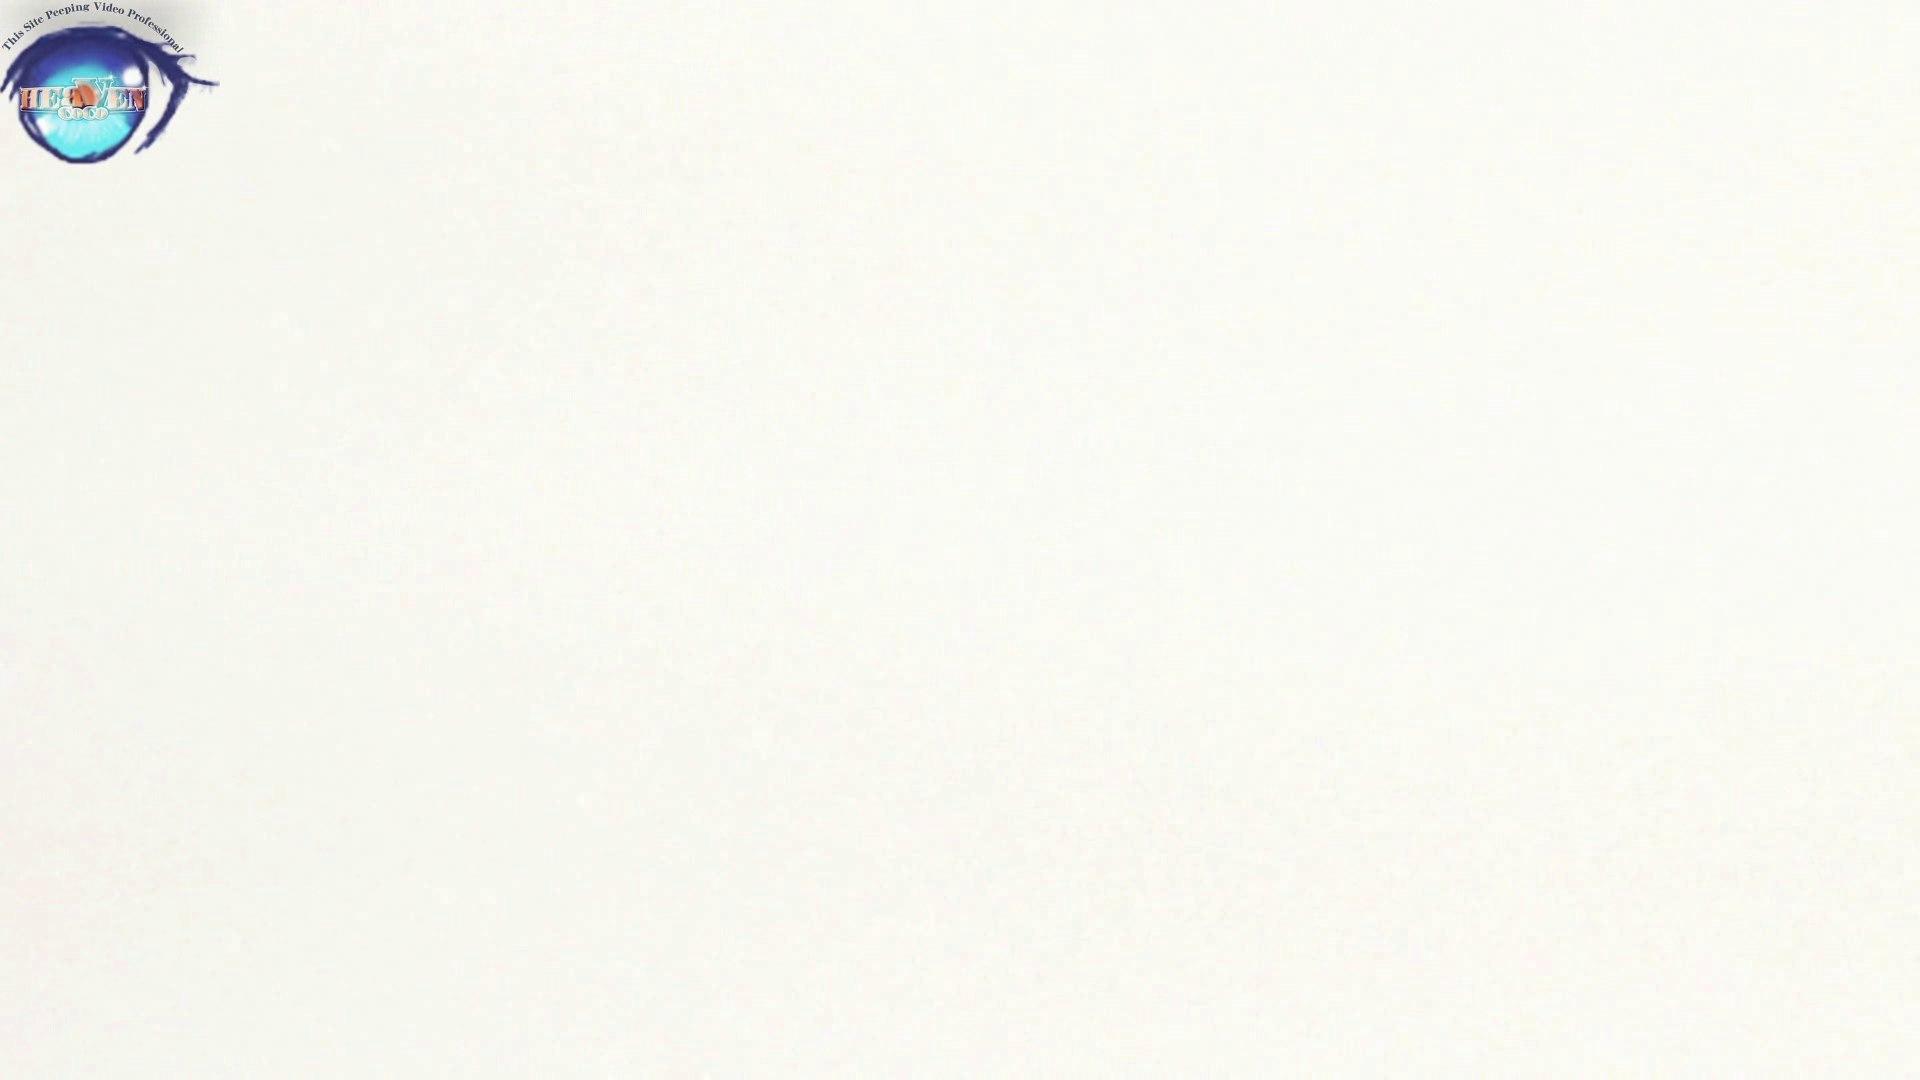 洗面所突入レポート!!お銀 vol.68 無謀に通路に飛び出て一番明るいフロント撮り実現 前編 洗面所編  86PIX 42